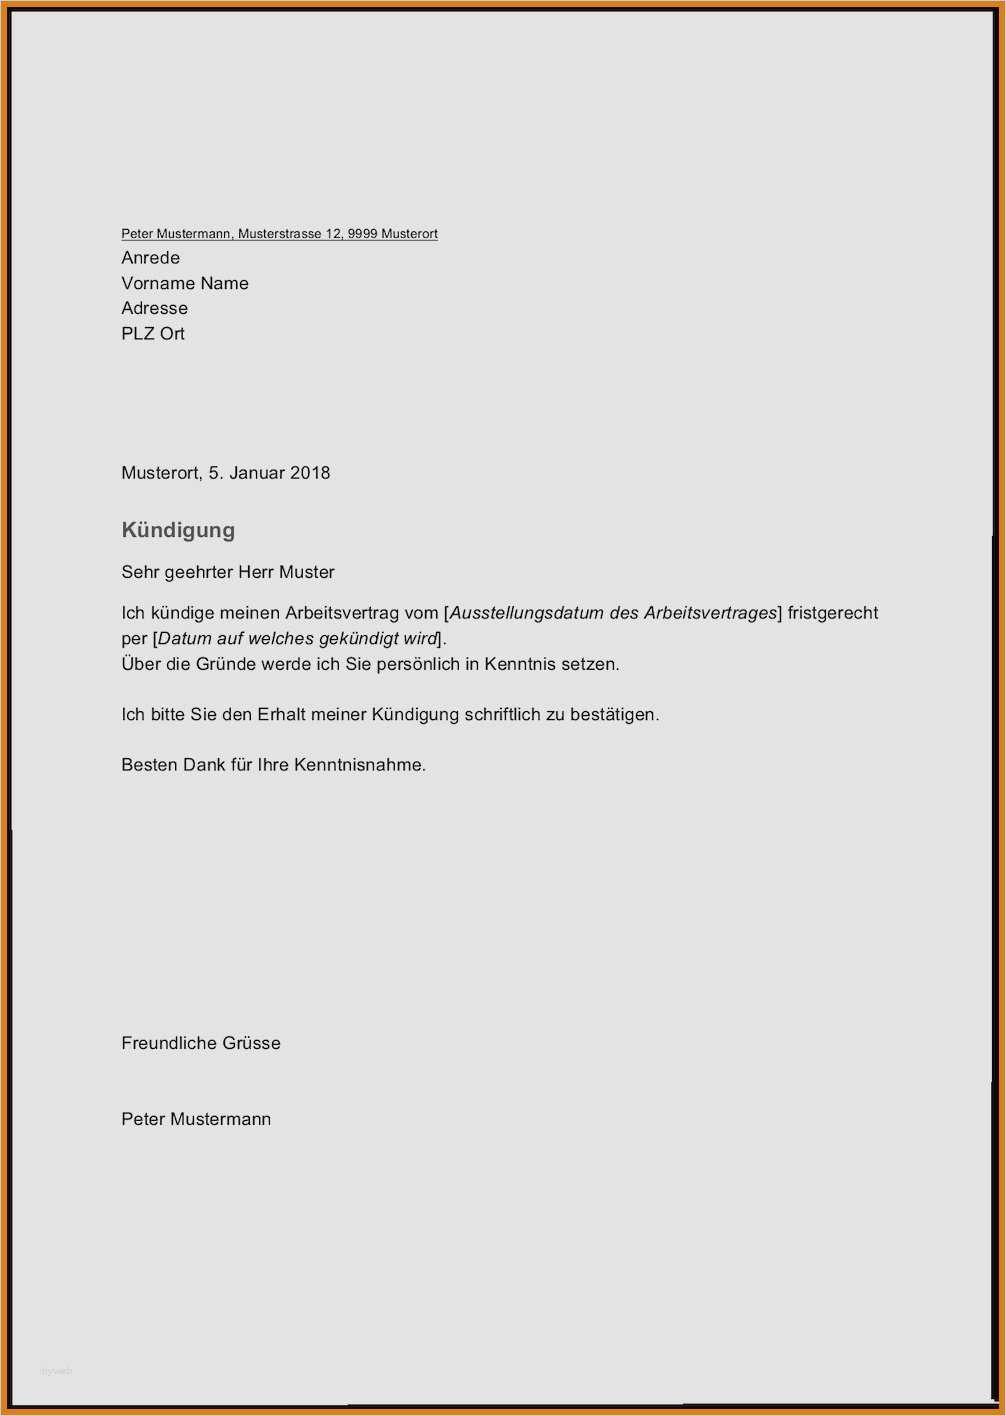 Kundigungsschreiben Verein Vorlage 36 Wunderbar Ebendiese Konnen Anpassen Fur Ihre Ideen Samm In 2020 Kundigung Schreiben Lebenslauf Layout Briefvorlagen